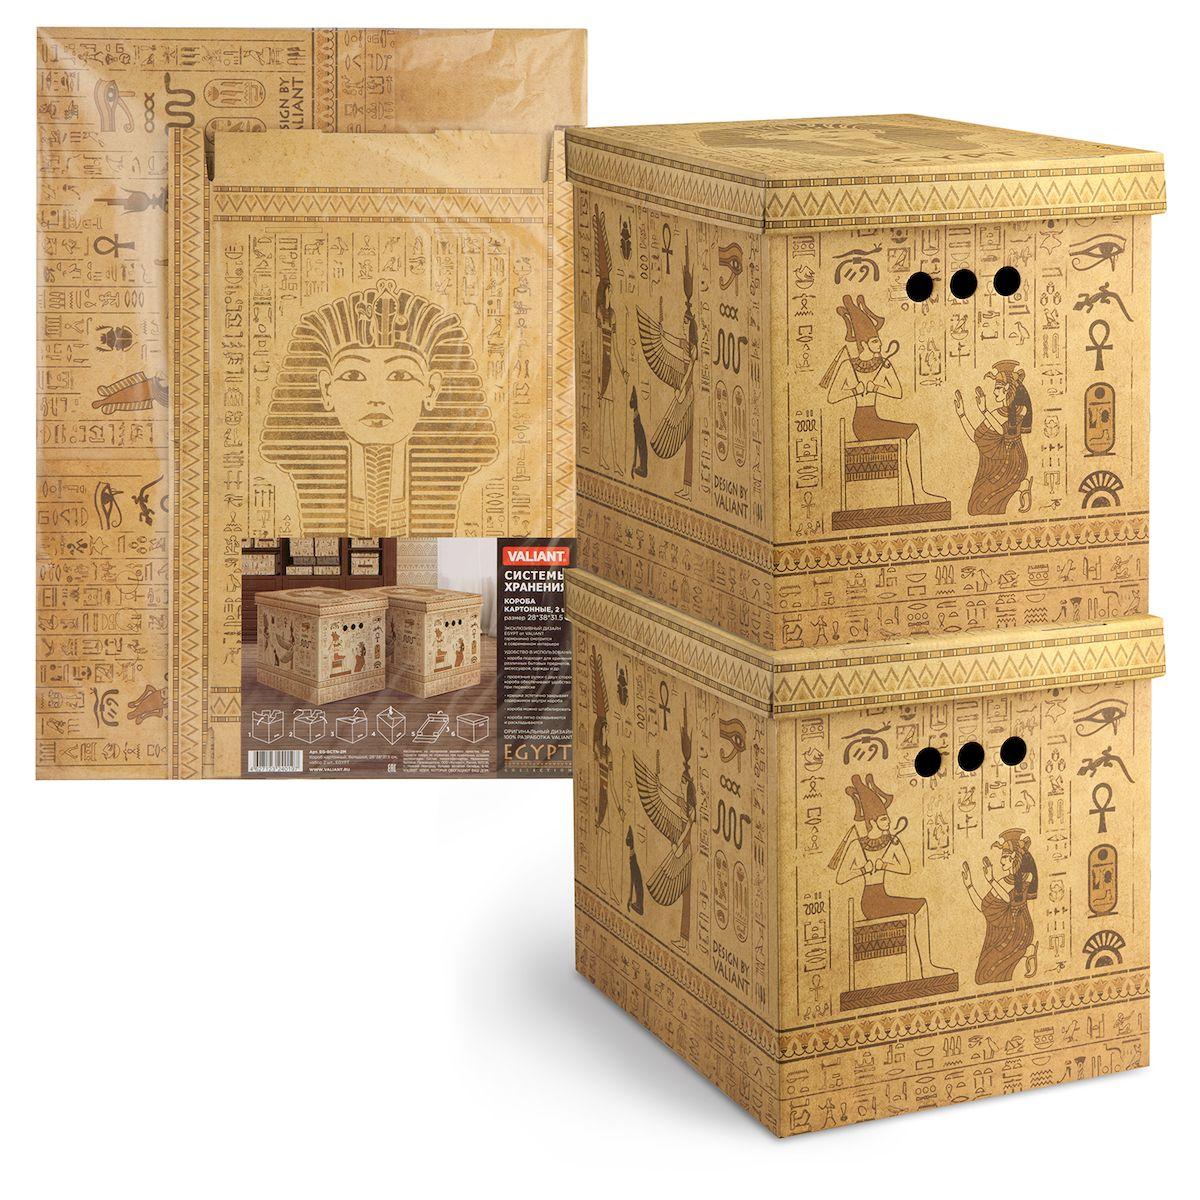 """Короб для хранения Valiant """"Egypt"""" изготовлен из картона. Изделие легко и быстро складывается. Оснащен крышкой и тремя отверстиями, которые позволяют удобно его выдвигать. Такой короб прекрасно подойдет для хранения бытовых мелочей, аксессуаров для рукоделия и других мелких предметов. С ним все мелкие вещи будут храниться аккуратно и не потеряются.  Размер изделия (в собранном виде): 28 х 38 х 31,5 см."""